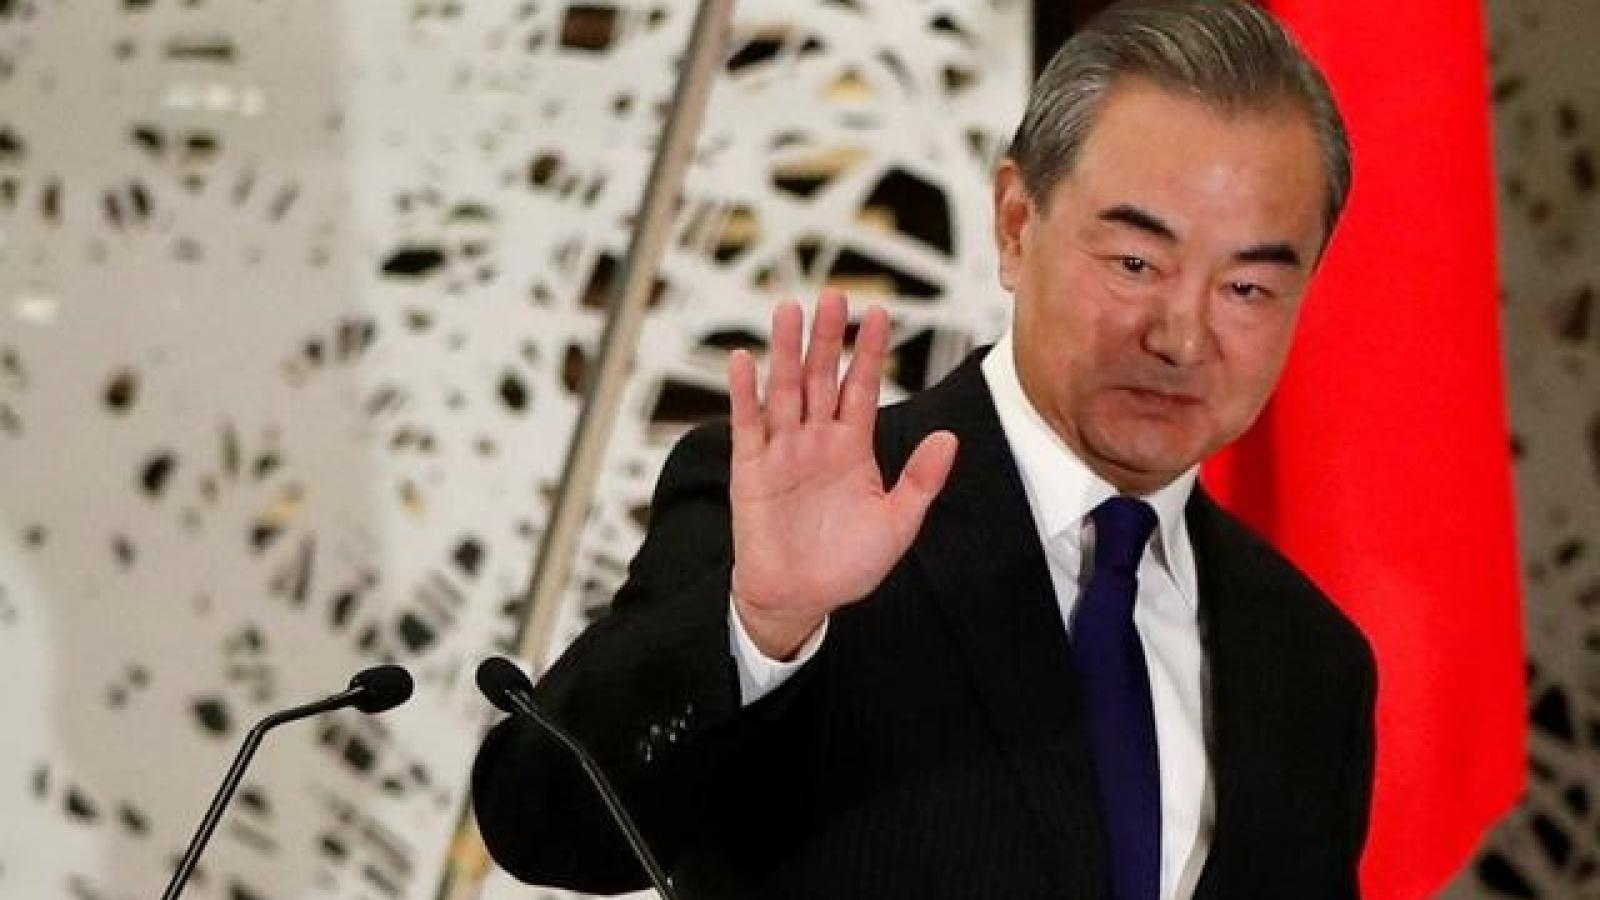 Trung Quốc xích lại gần hơn với Hàn Quốc, Hàn Quốc phản ứng ra sao?